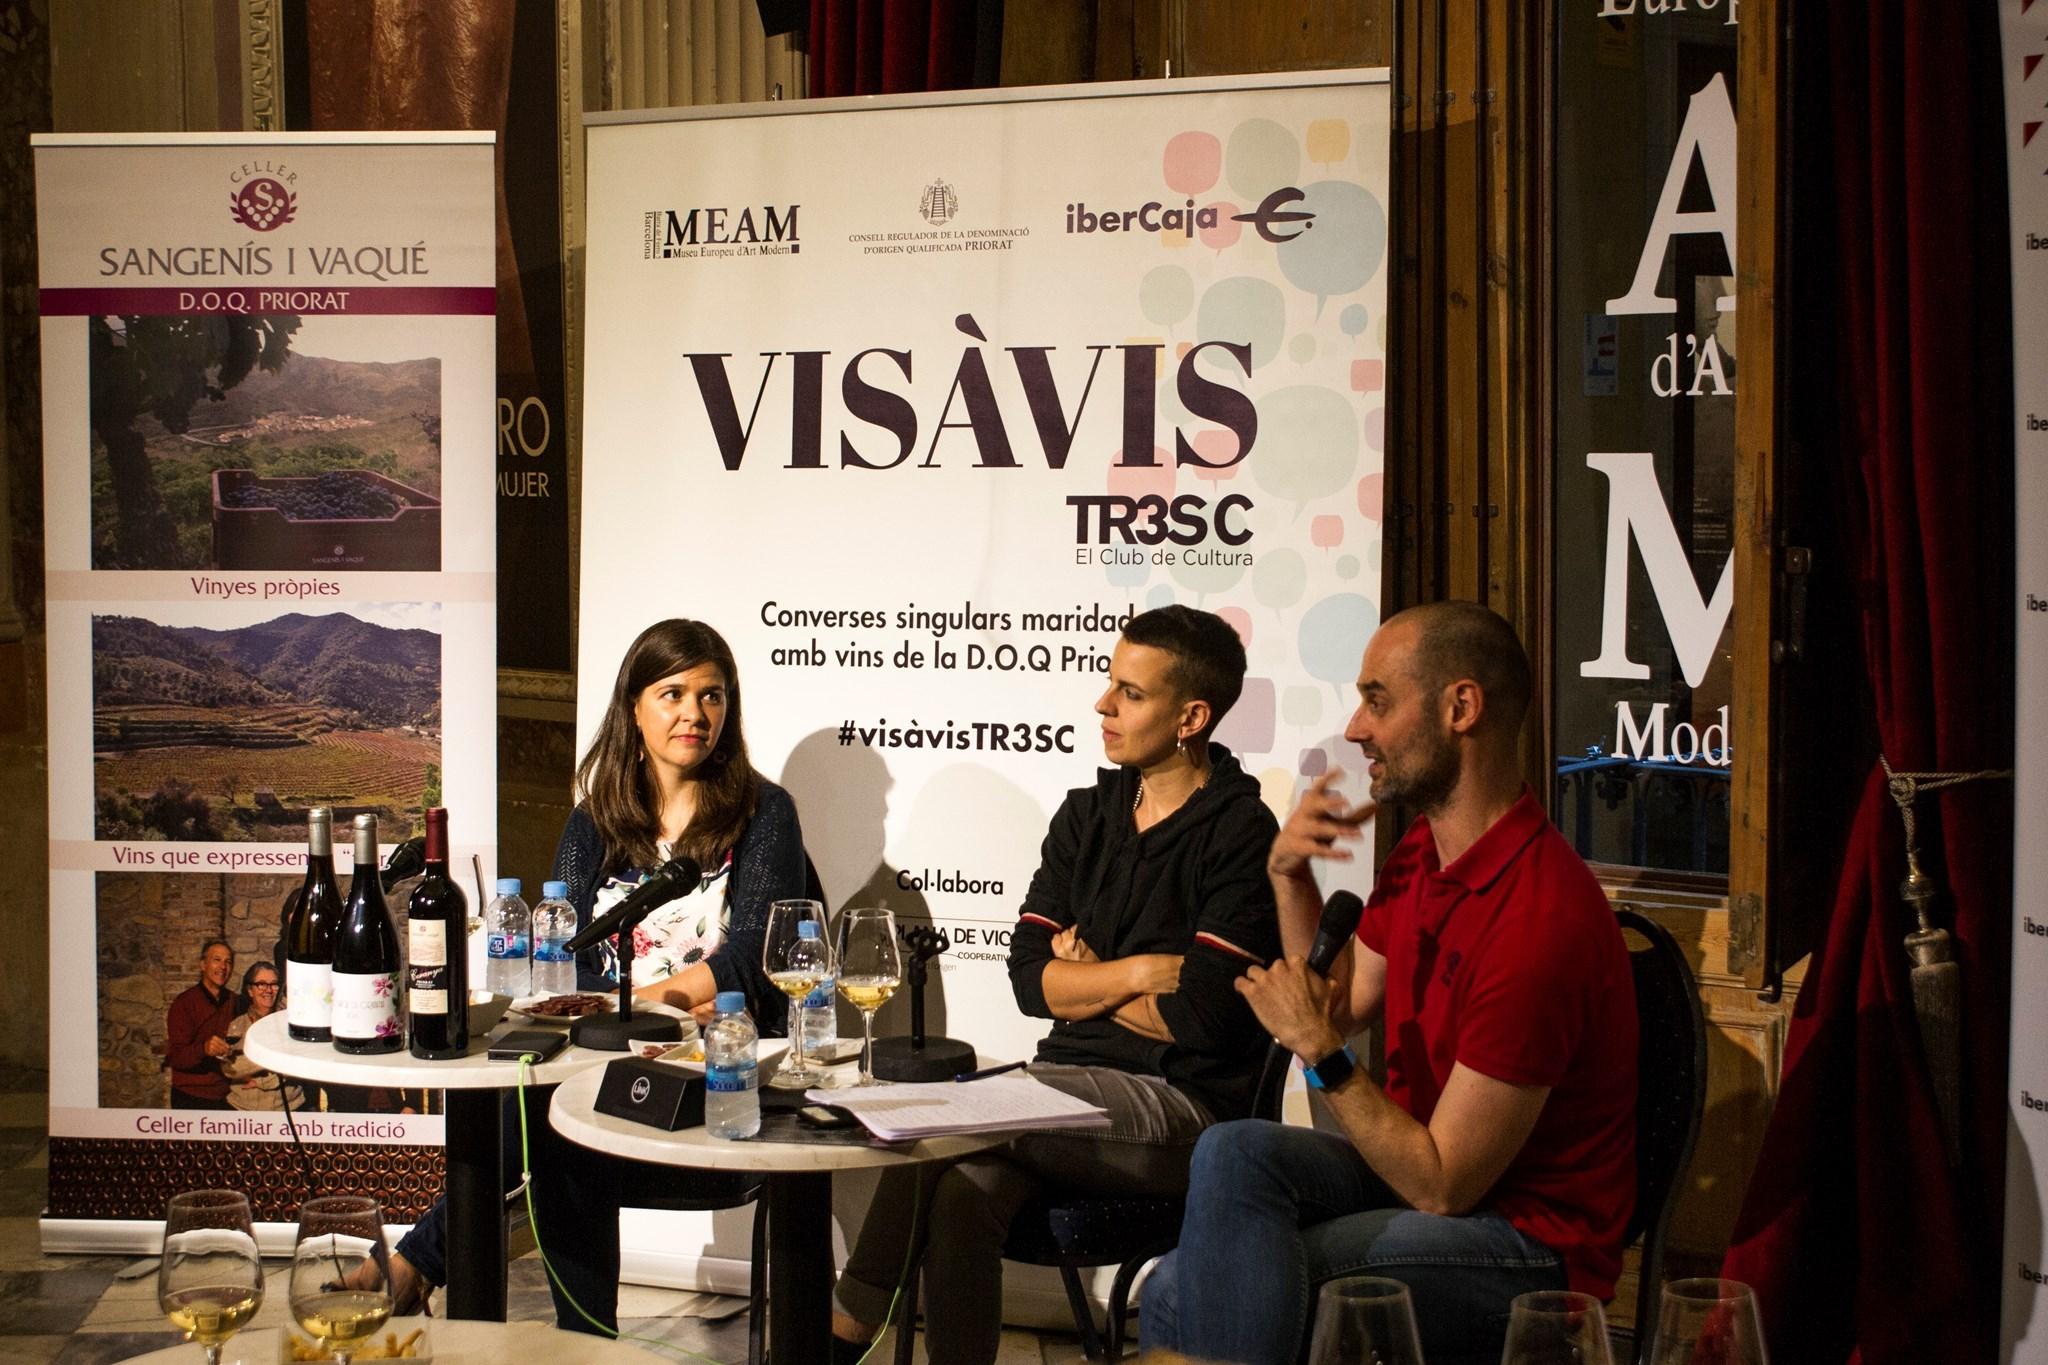 Clara Peya al Vis à vis TR3SC